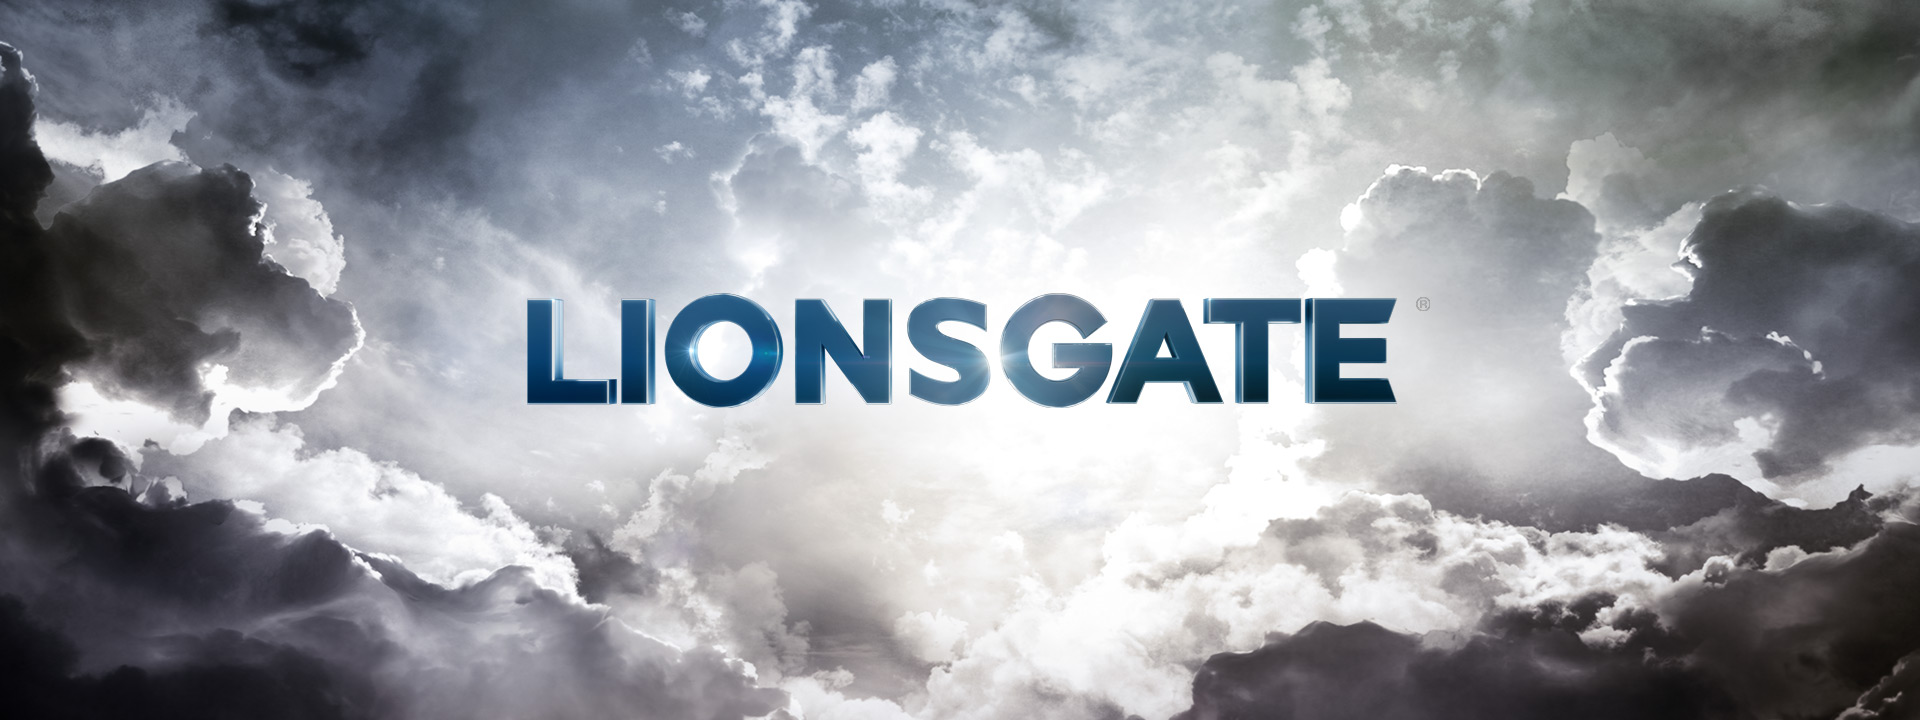 Lionsgate confirma secuelas de Los Juegos del Hambre y Crepúsculo